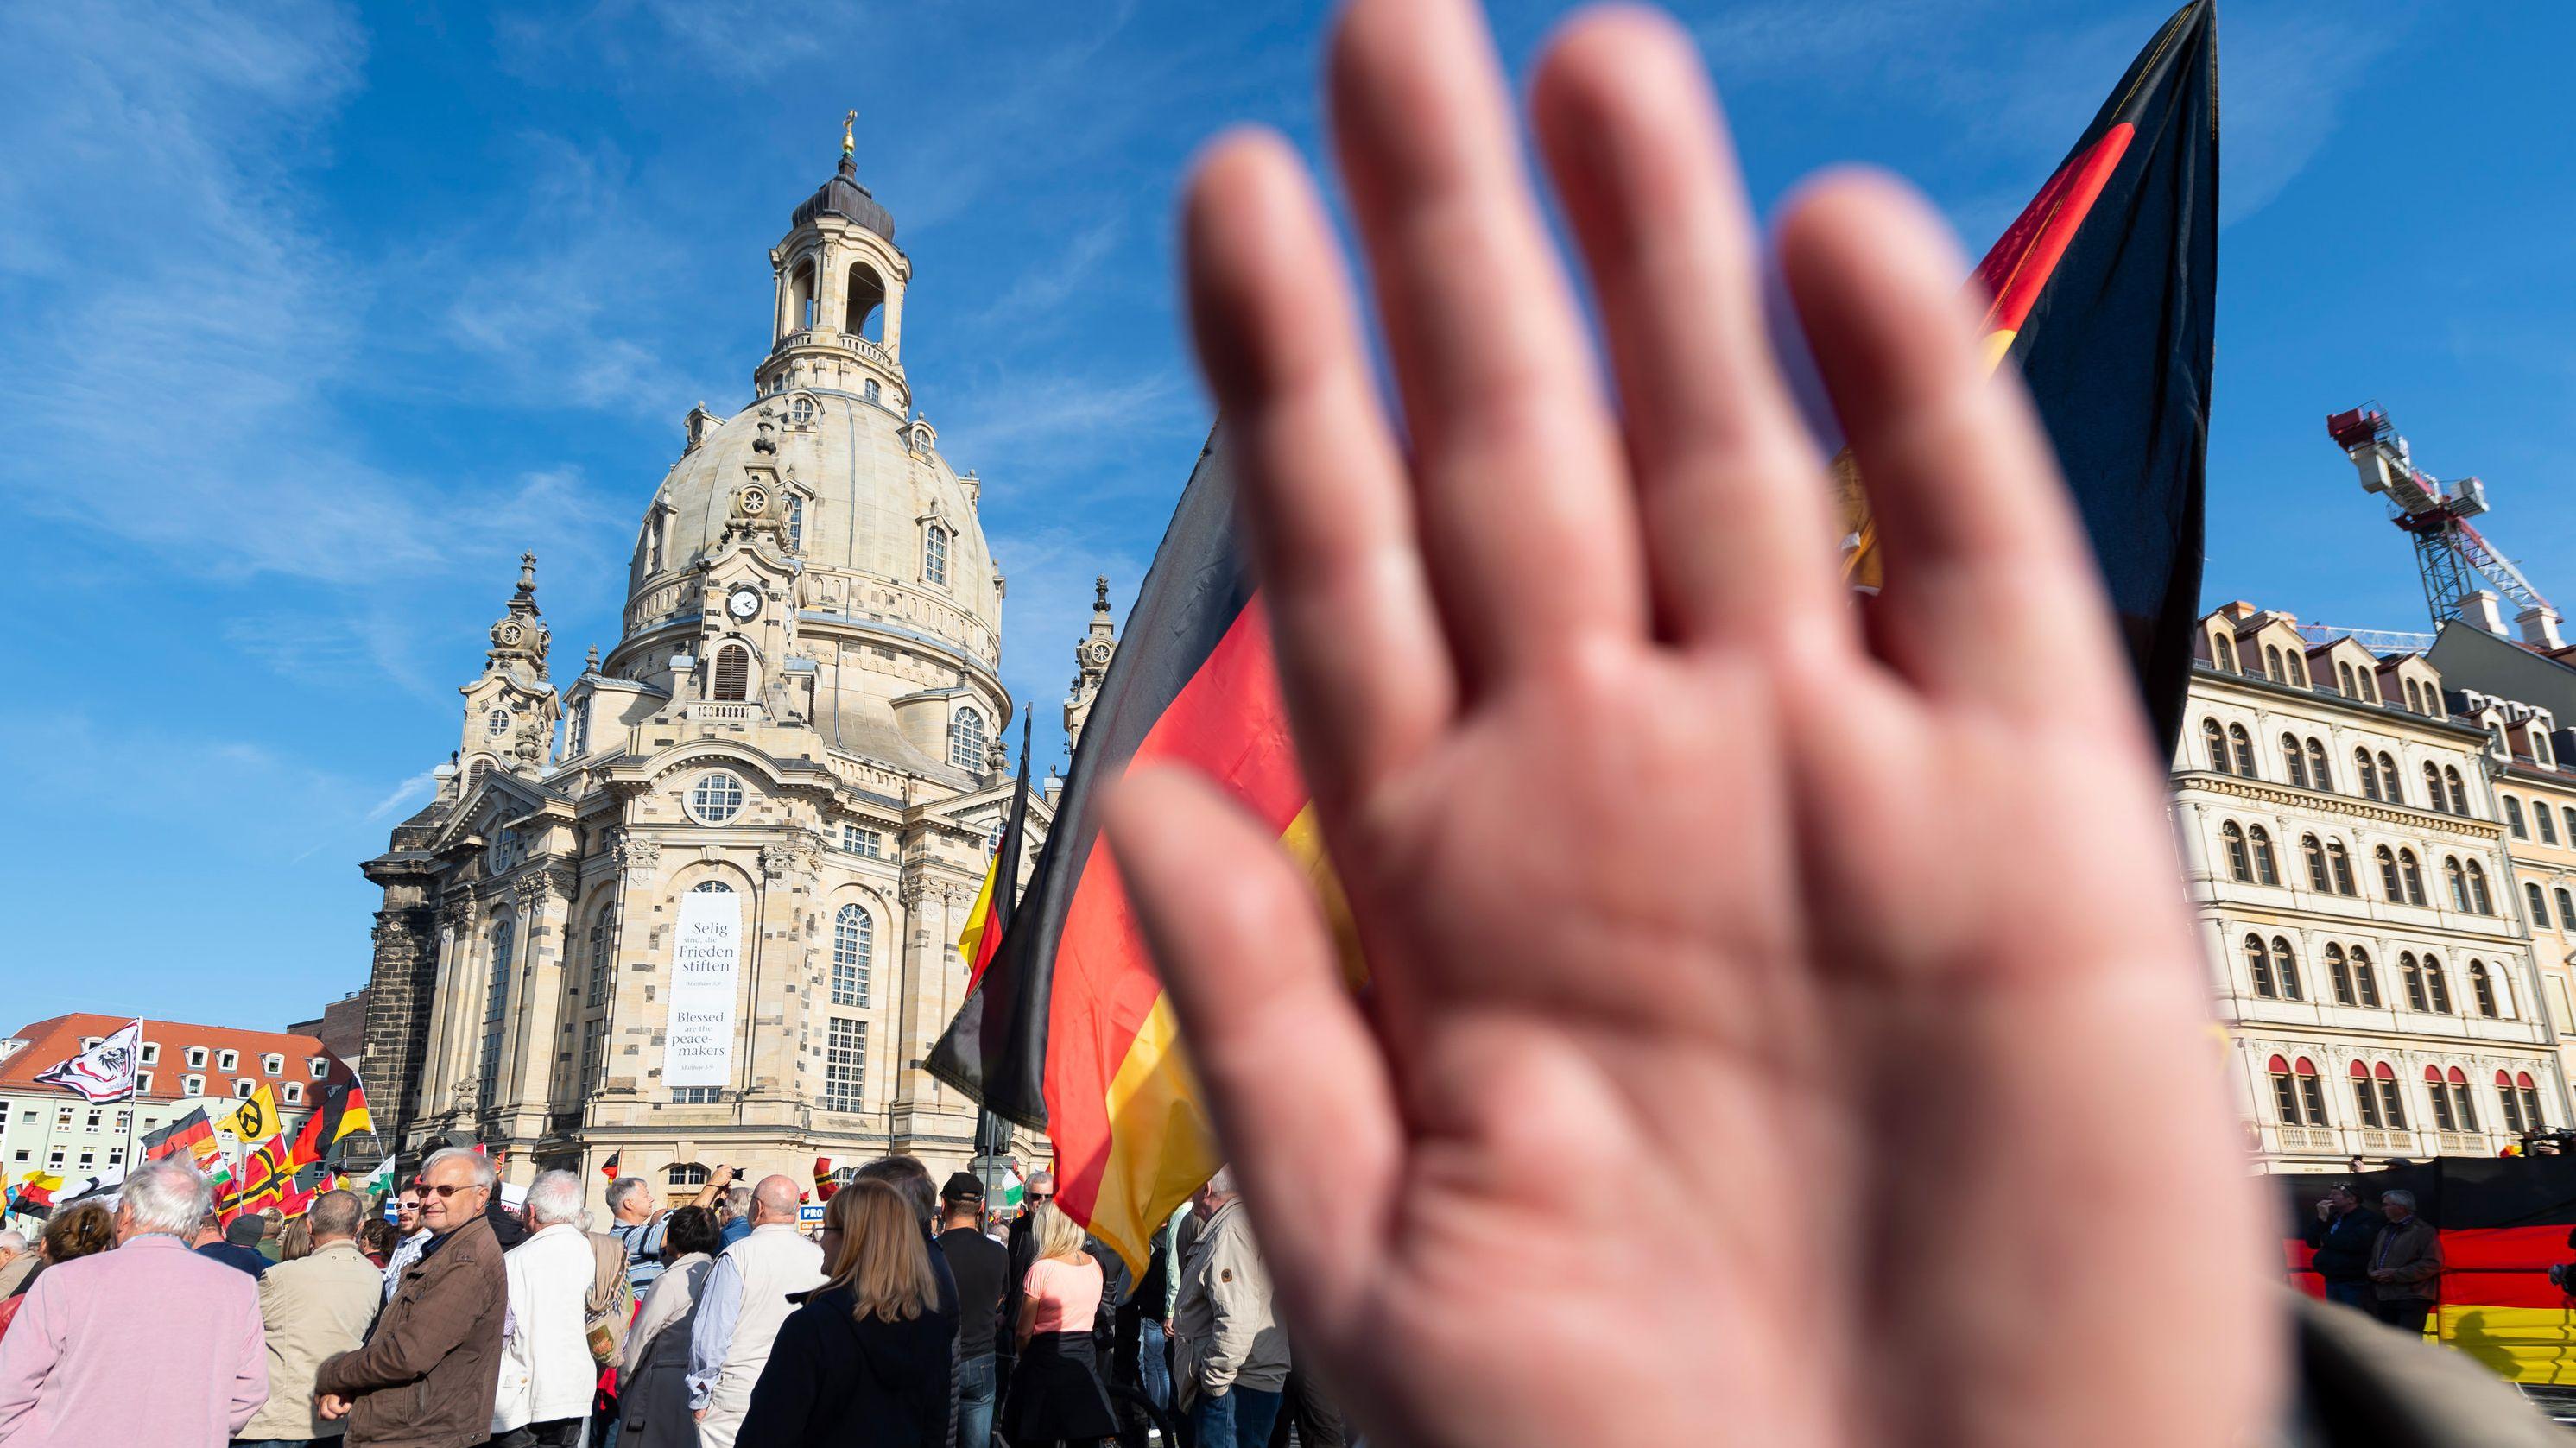 Ein Mann bei einer Pegida-Demonstration in Dresden hält die Hand in die Kamera.